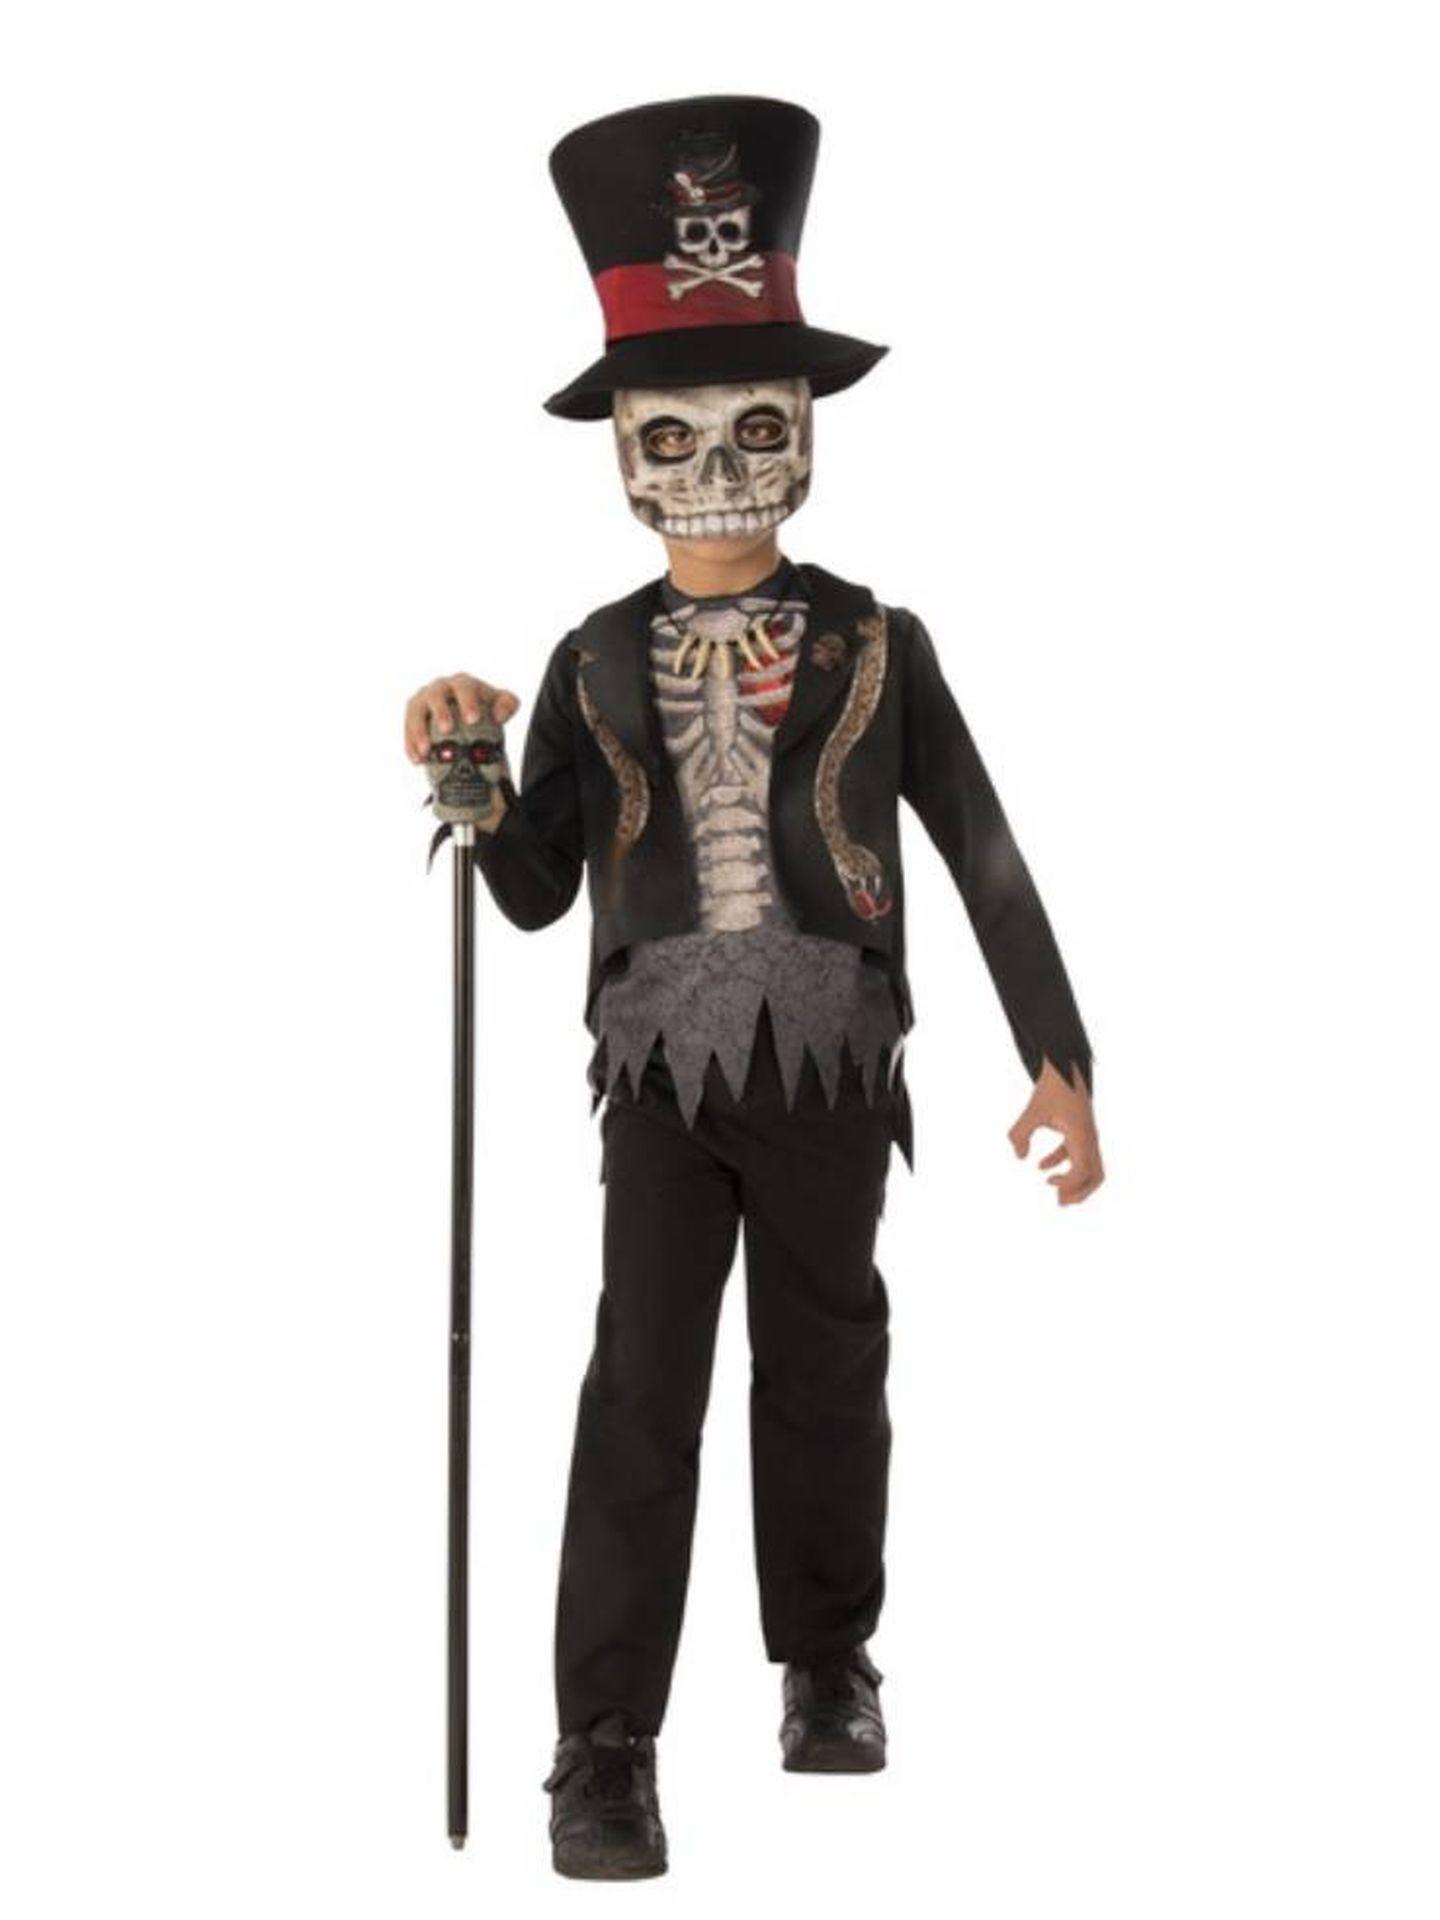 Otro modelo para Halloween de El Corte Inglés (24,99 euros).